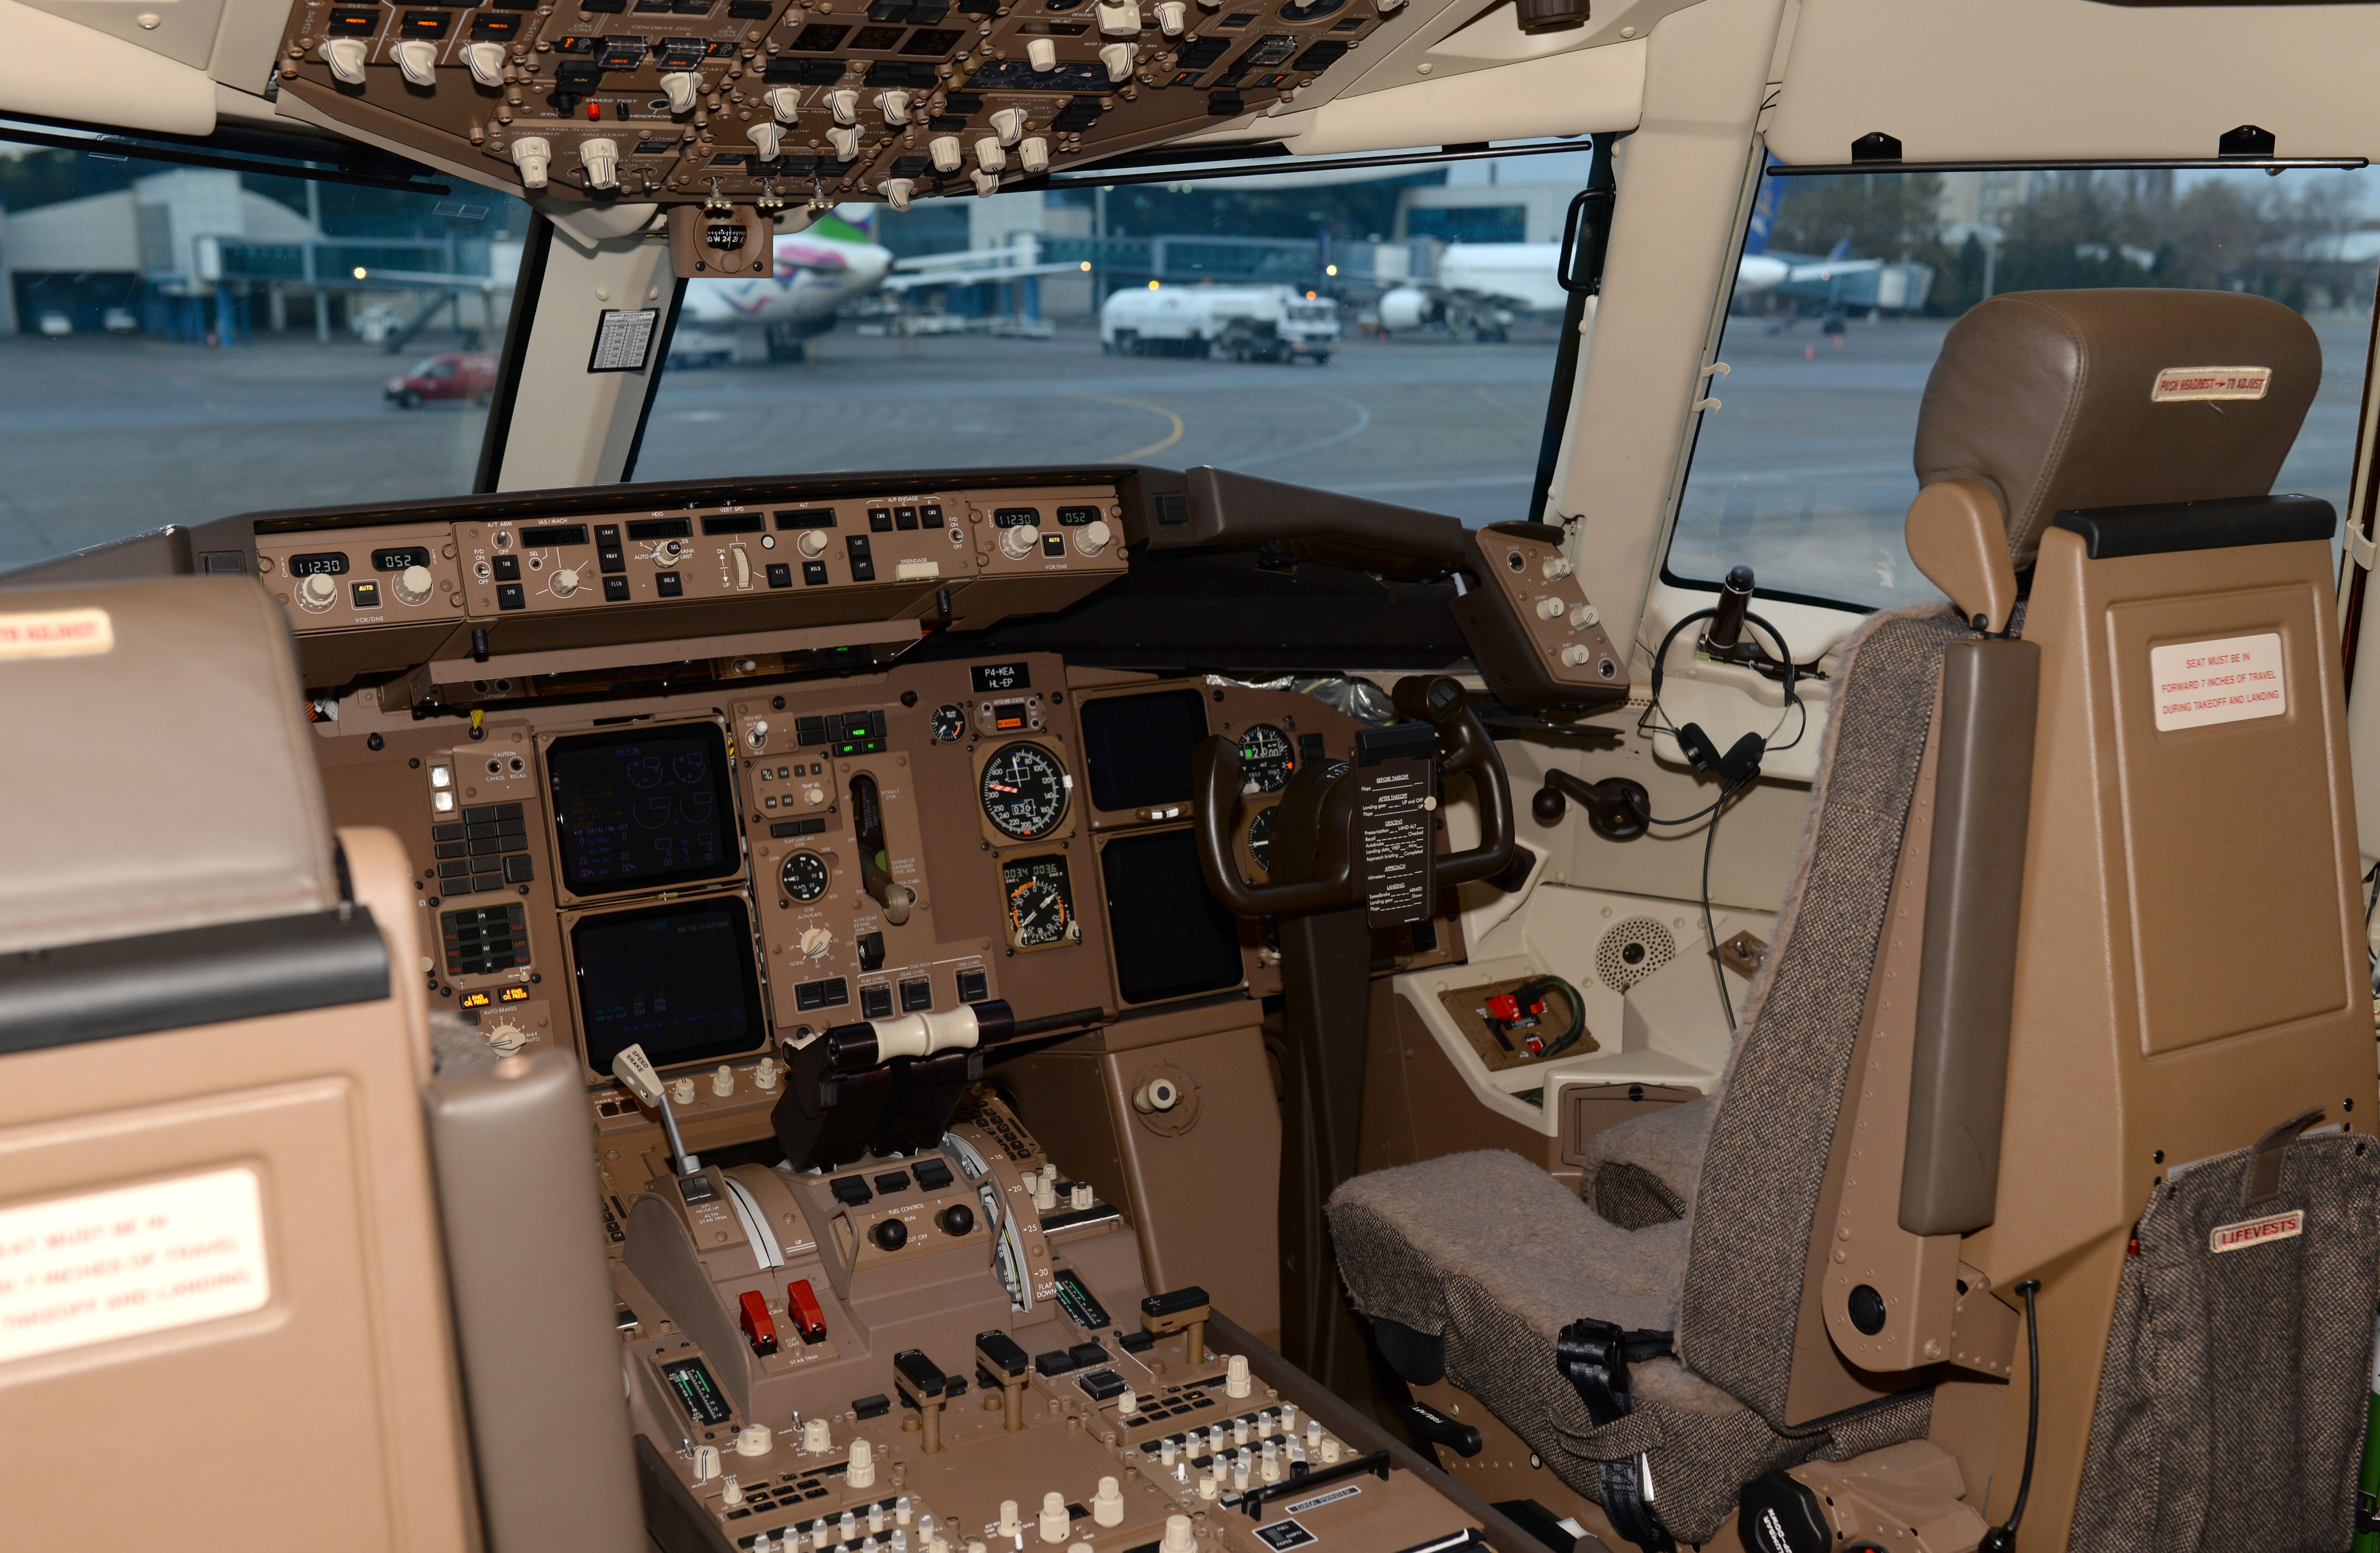 Cómo funciona y cómo se controla el piloto automático de un avión